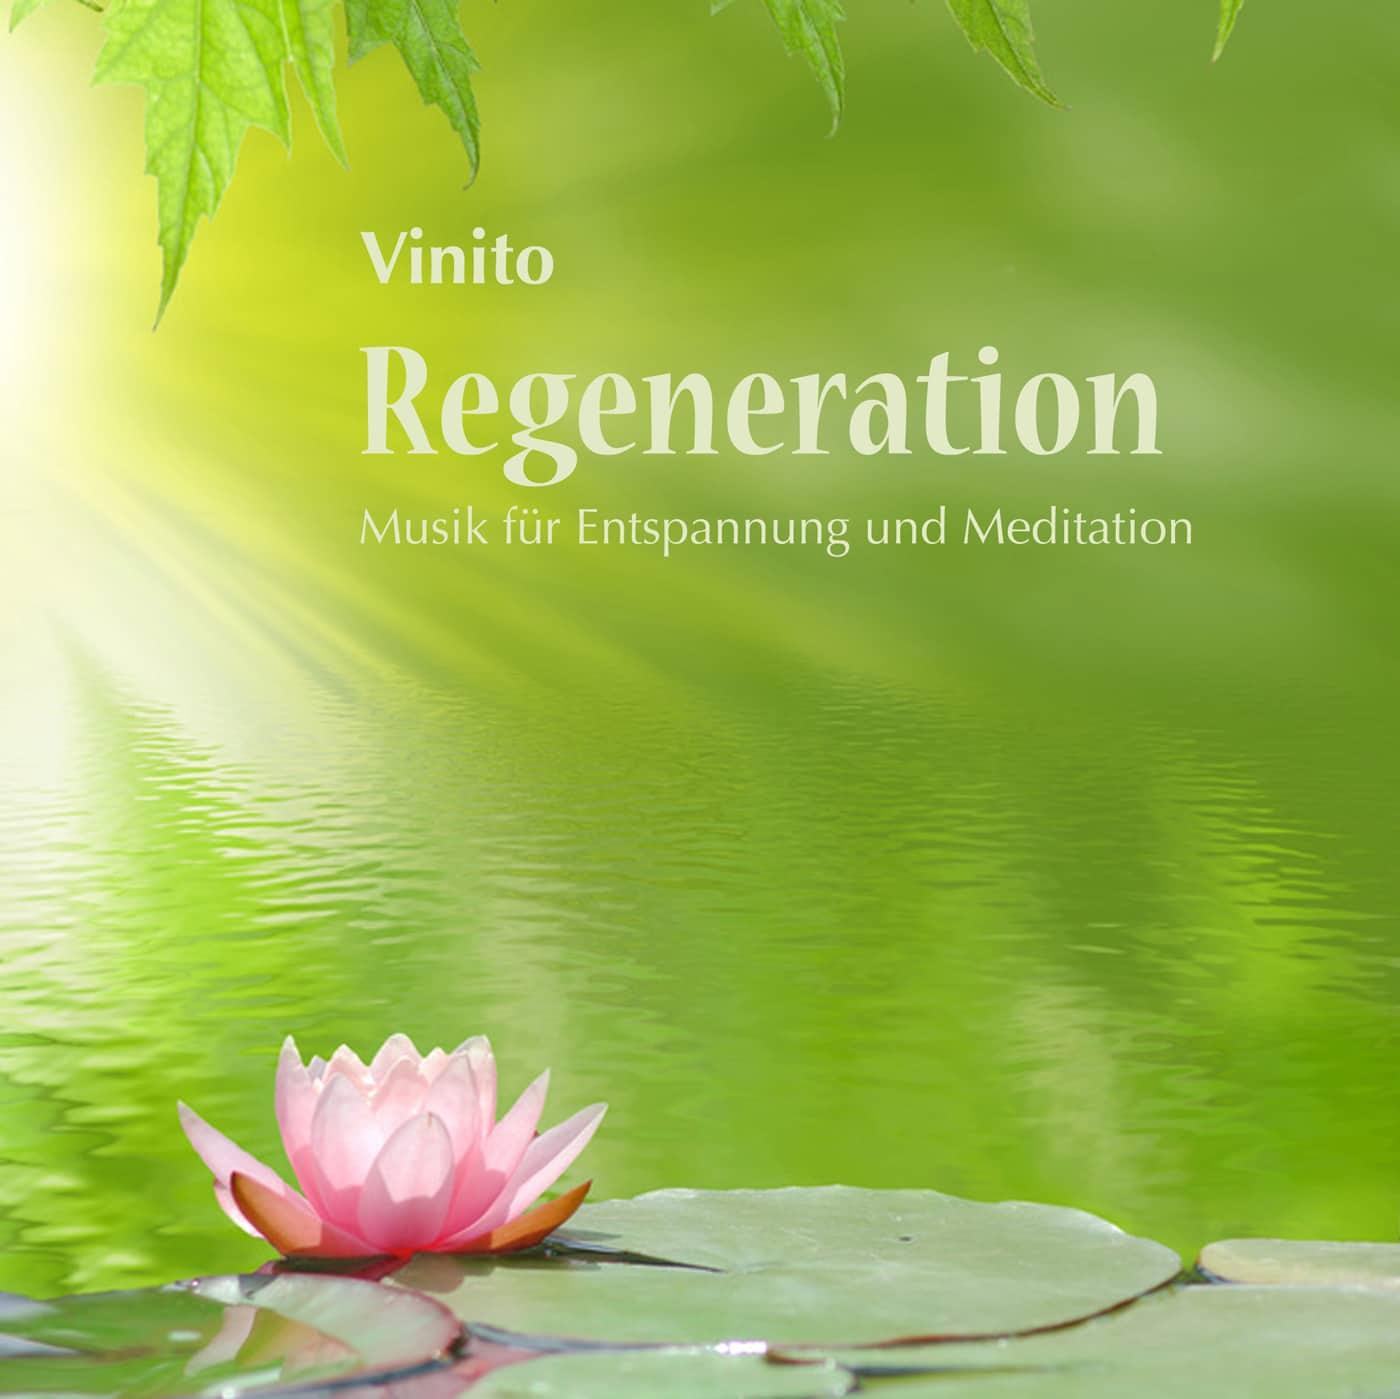 Musik für Entspannung und Meditation